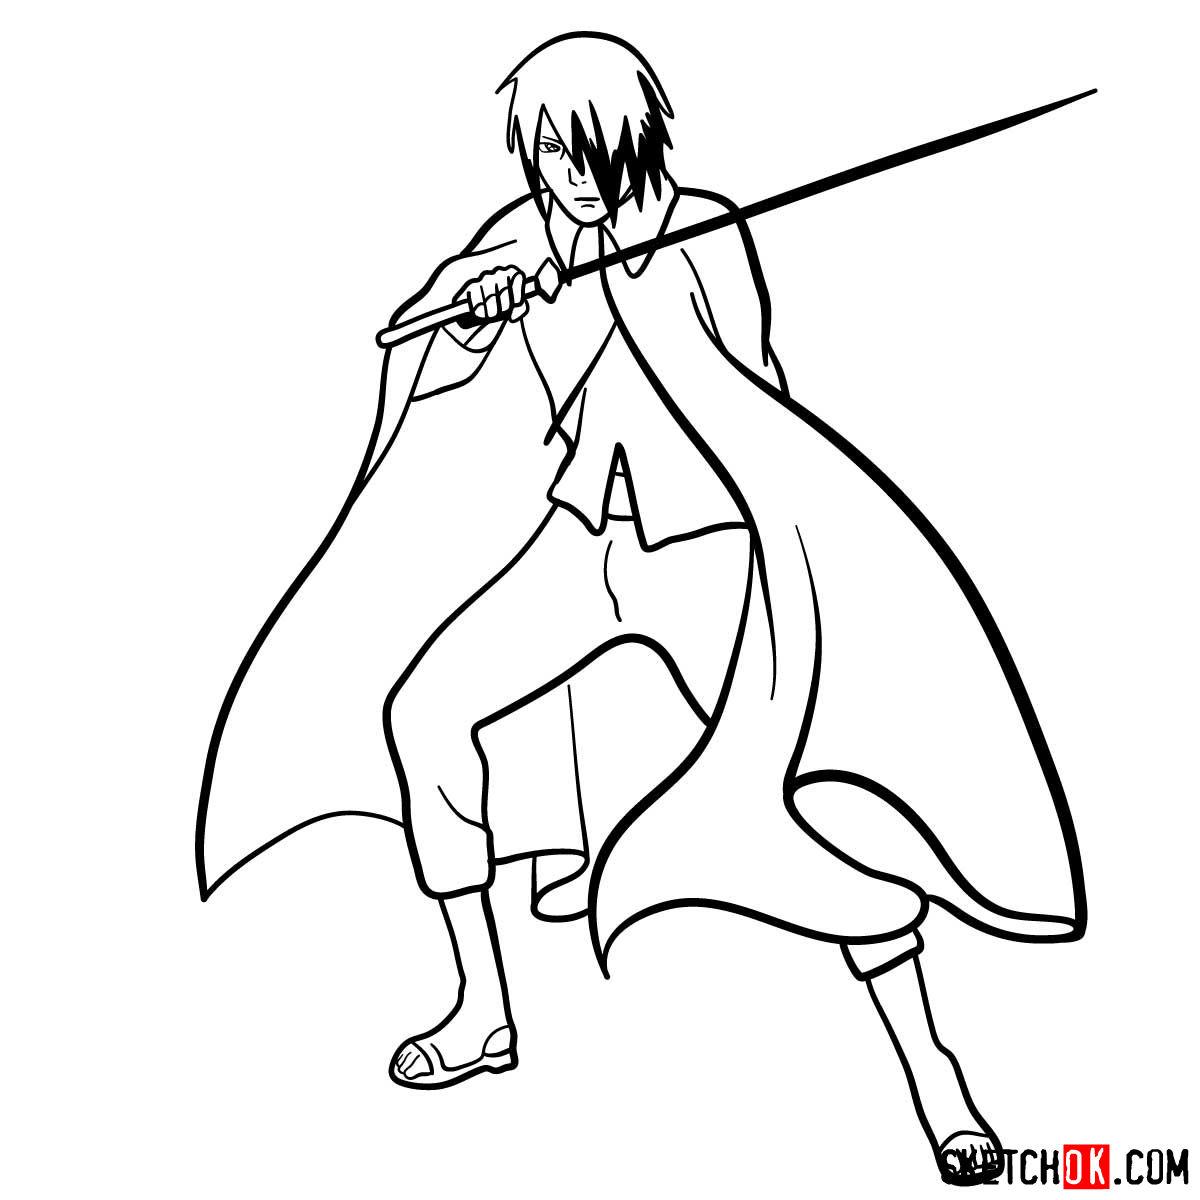 How to draw Sasuke Uchiha from Naruto anime - step 13